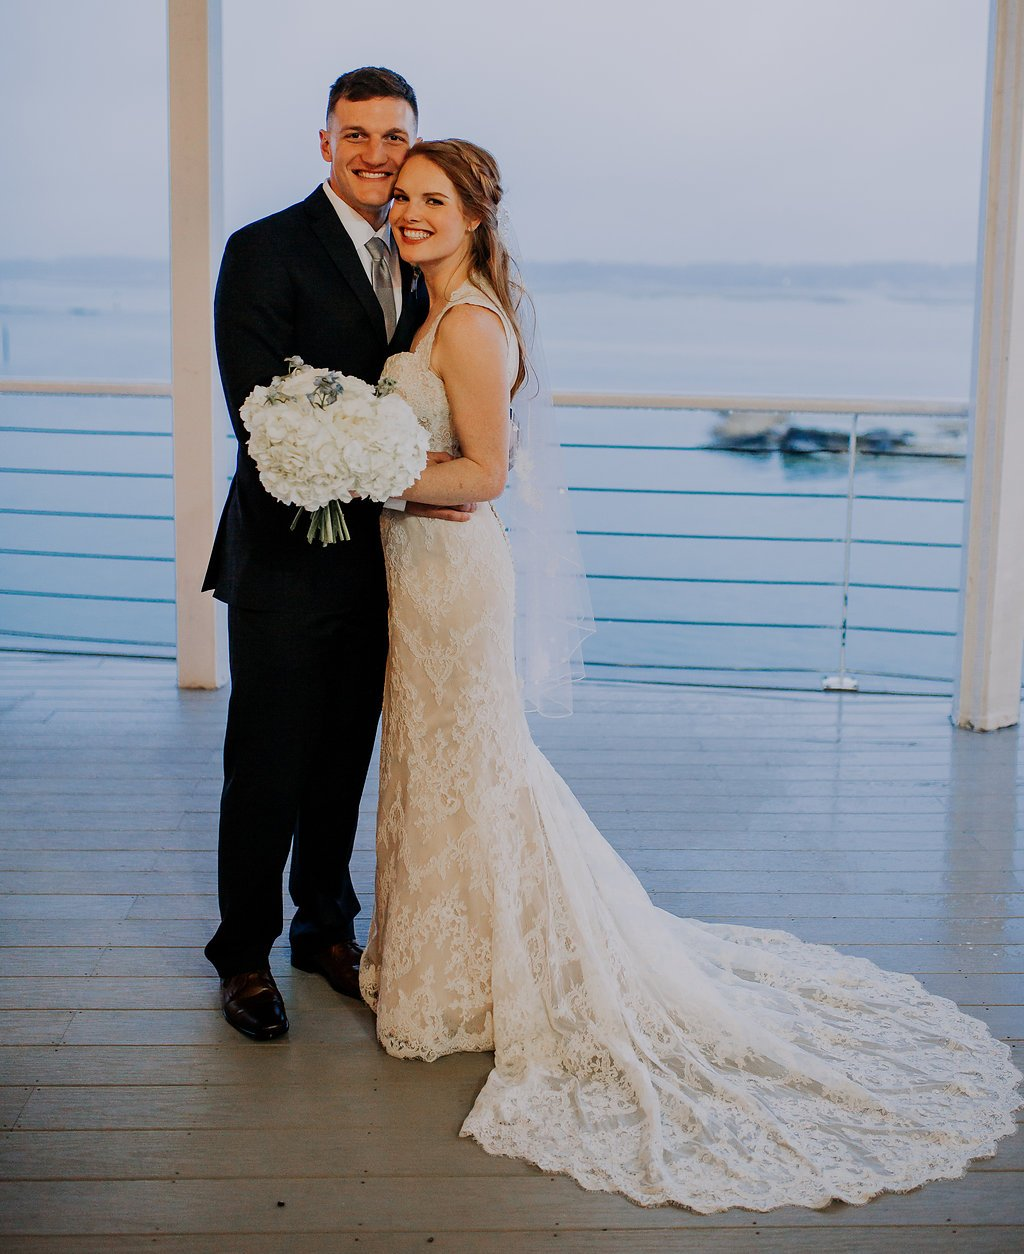 Waterfront Weddings Virginia Beach | Waterfront-Wedding ...